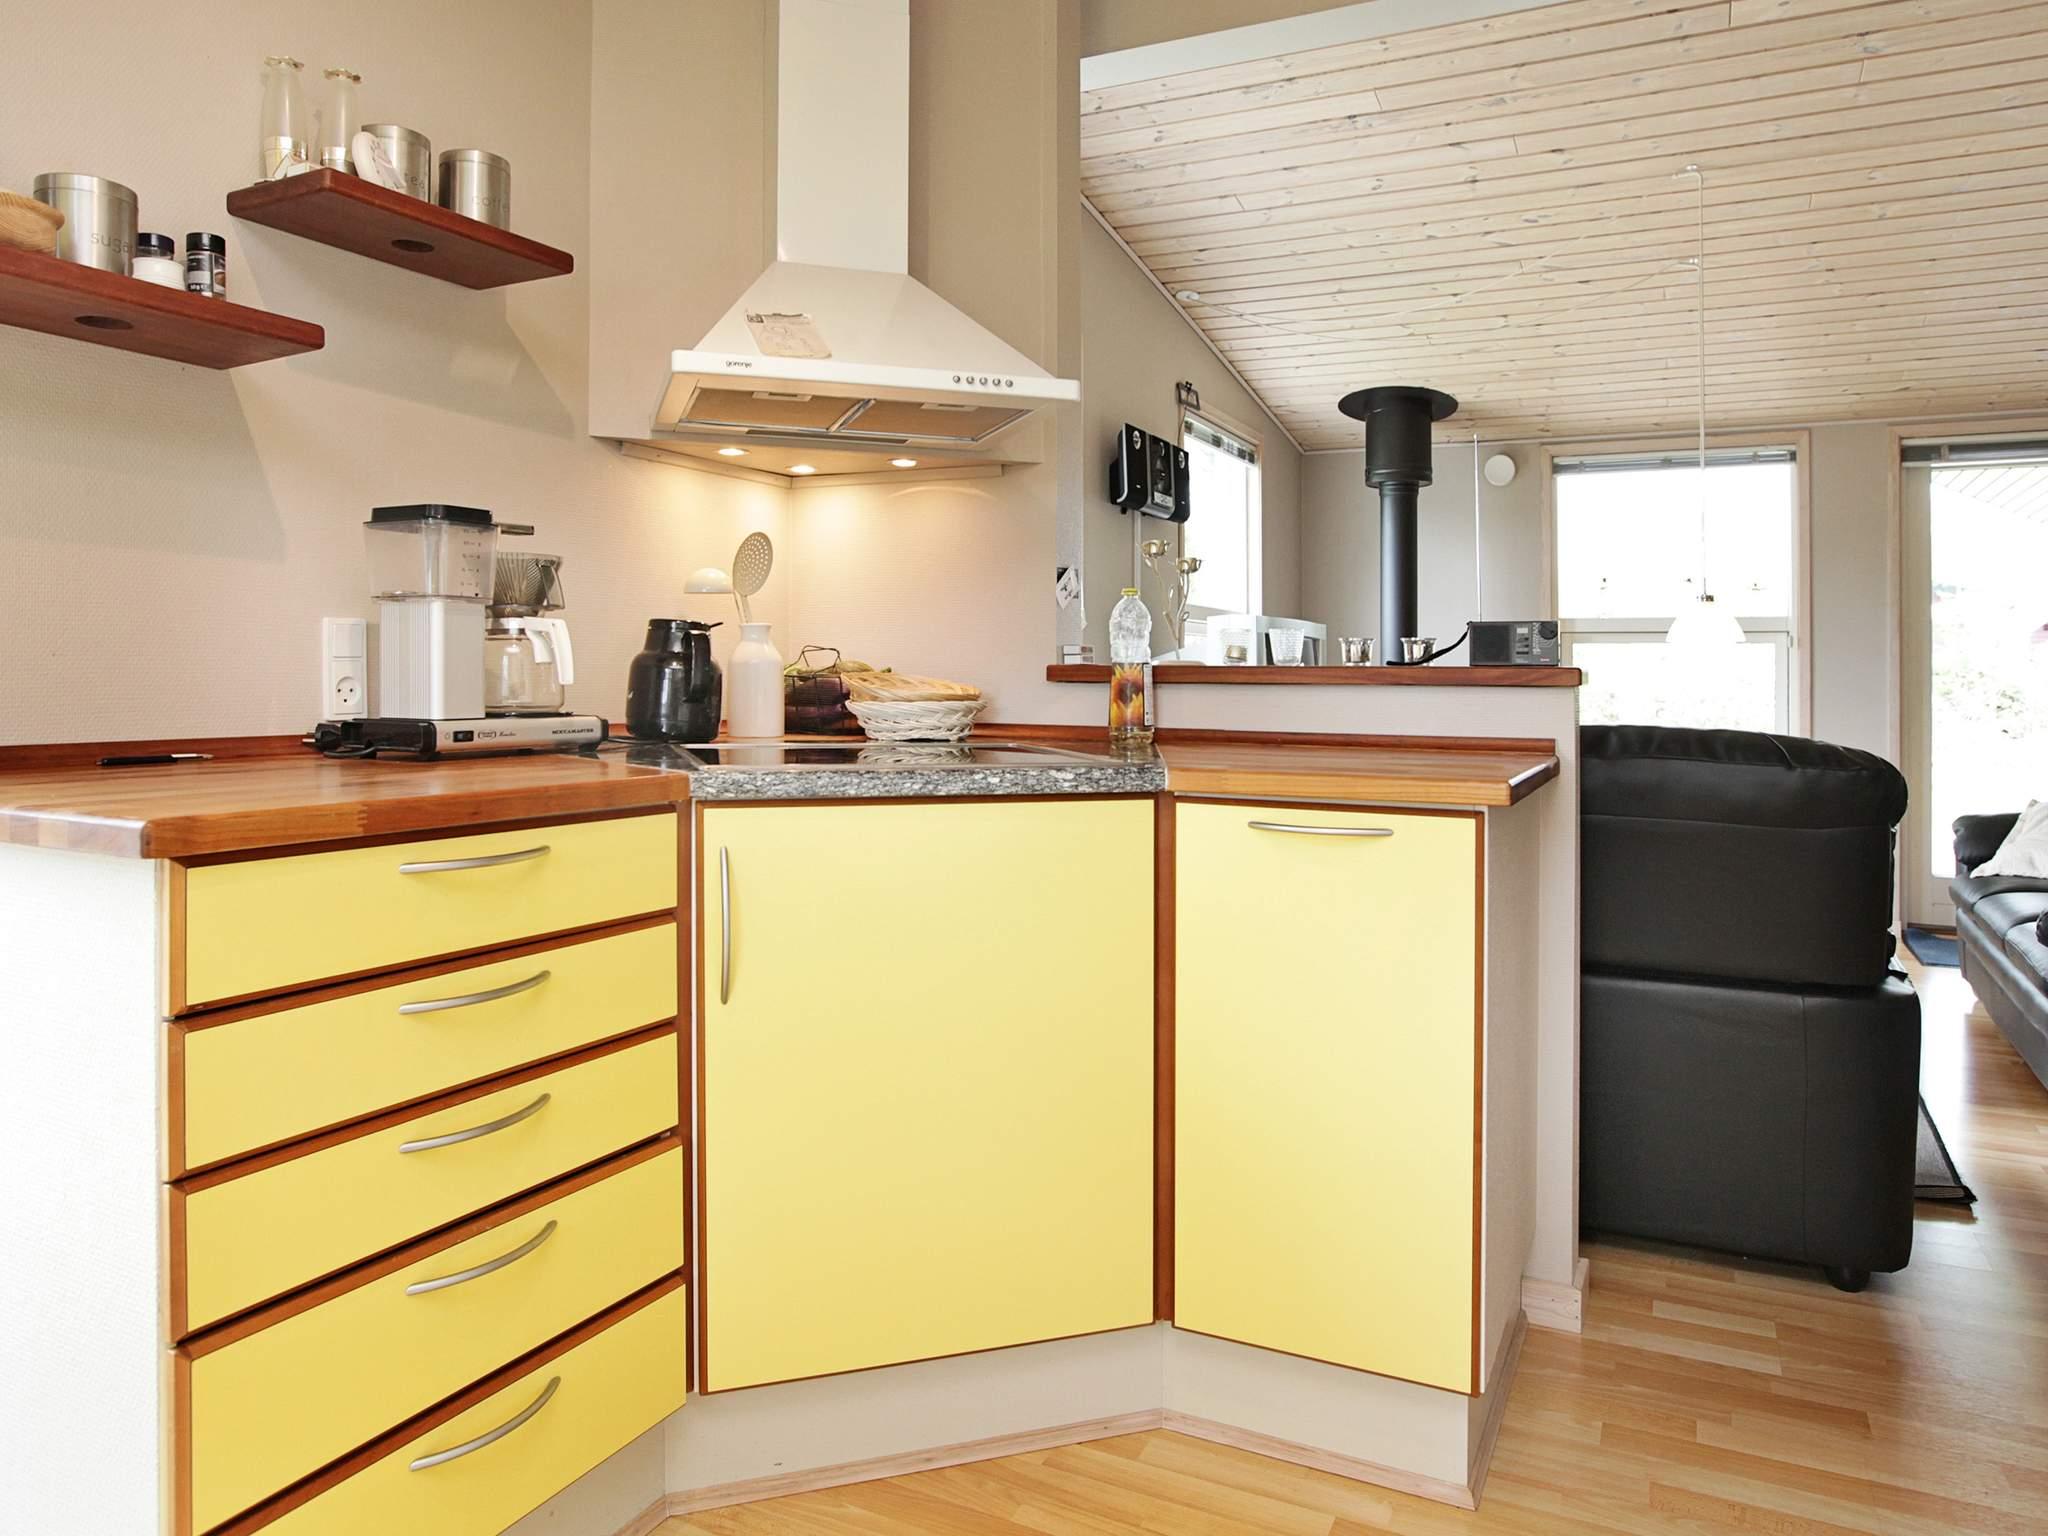 Ferienhaus Marielyst (86576), Marielyst, , Falster, Dänemark, Bild 9